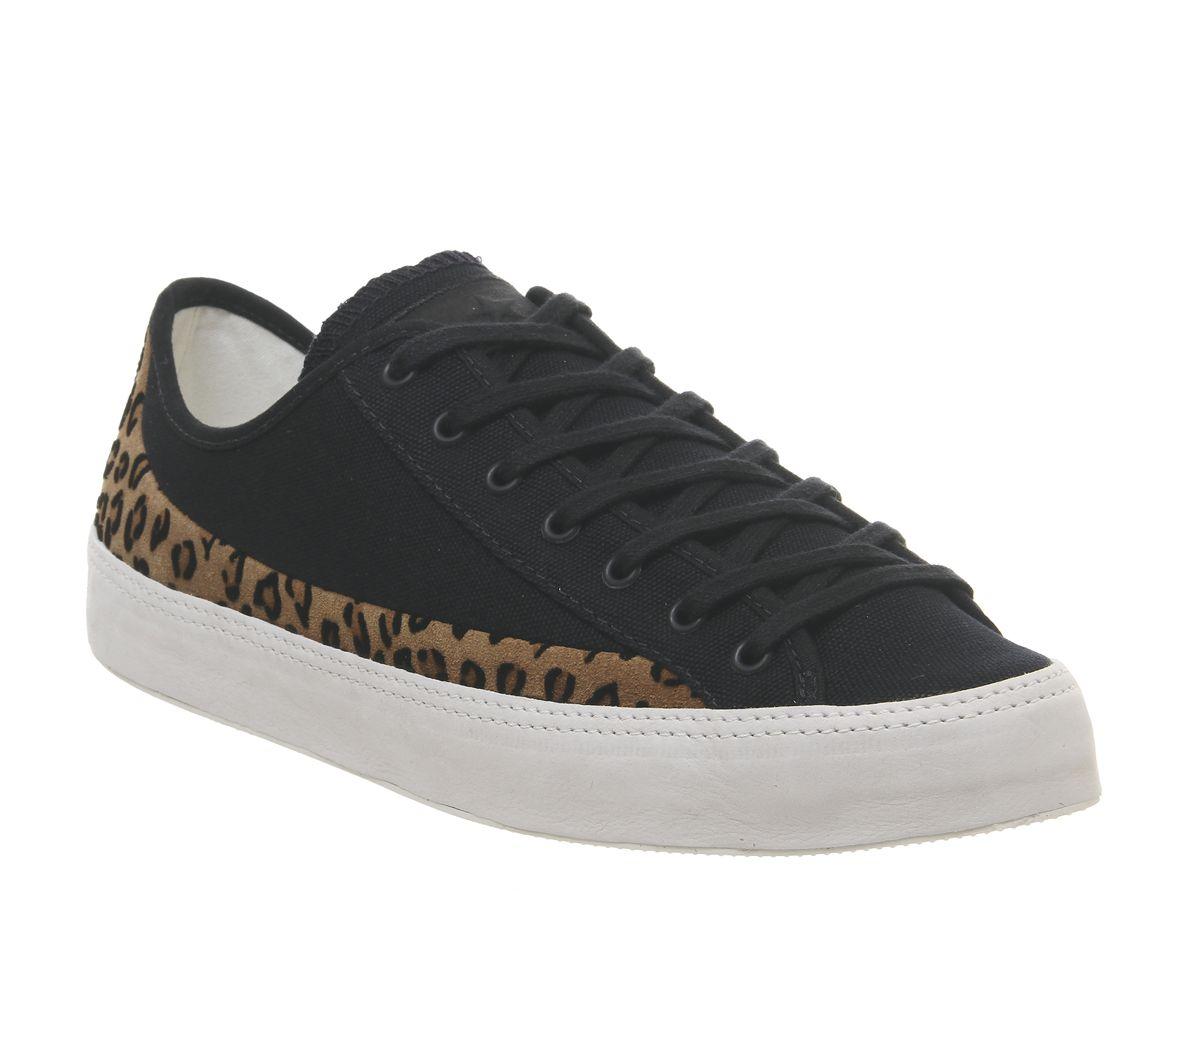 scarpe donna converse nere